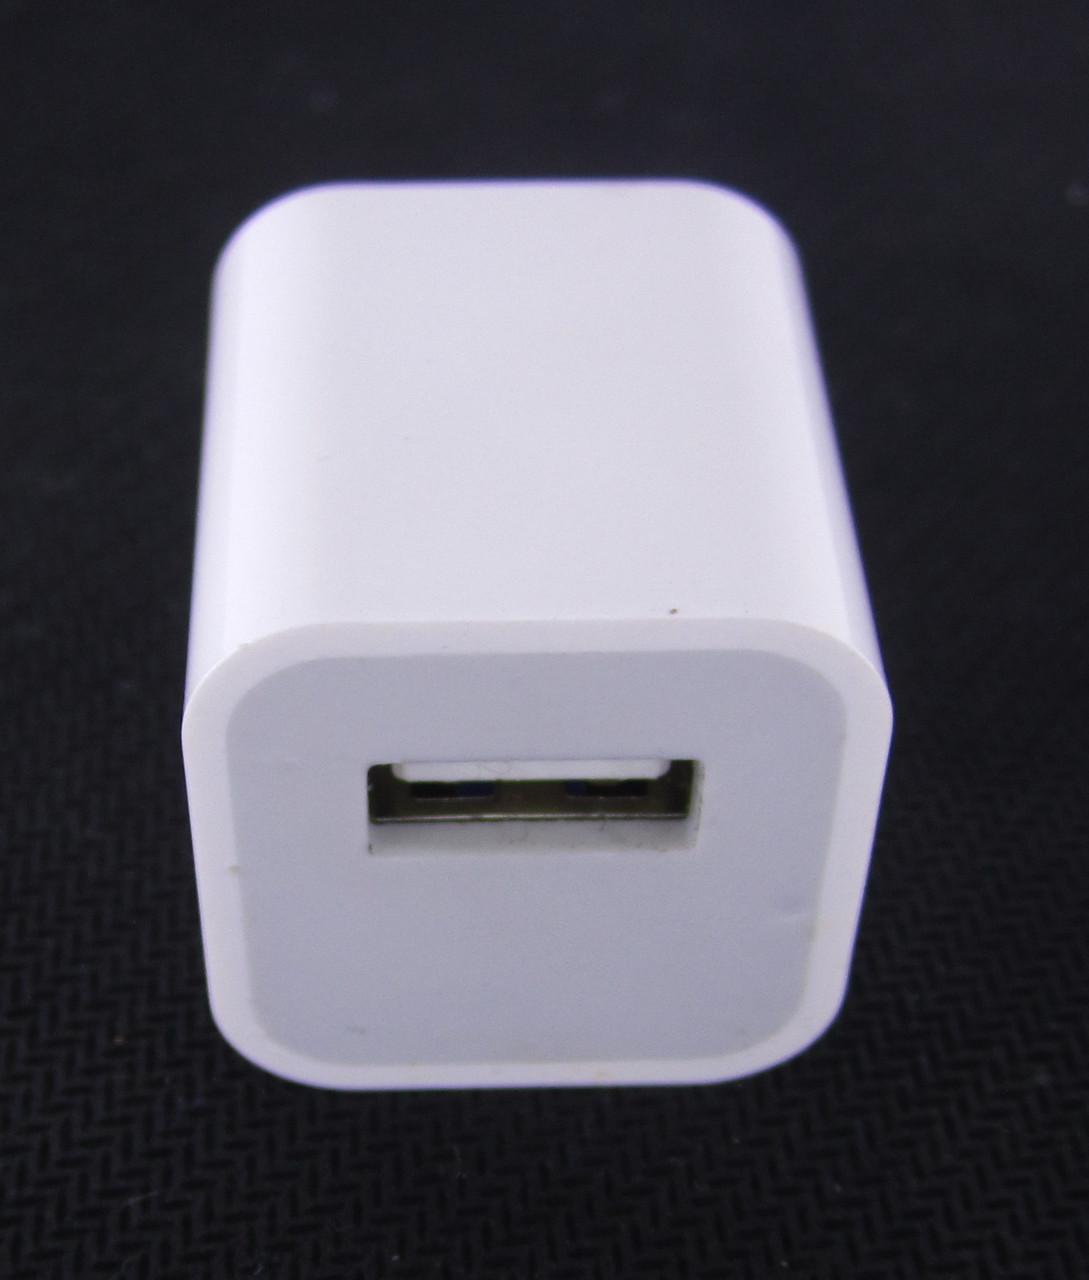 Сетевое зарядное устройство apple usb 5v 1.0a для iphone (original 90%)